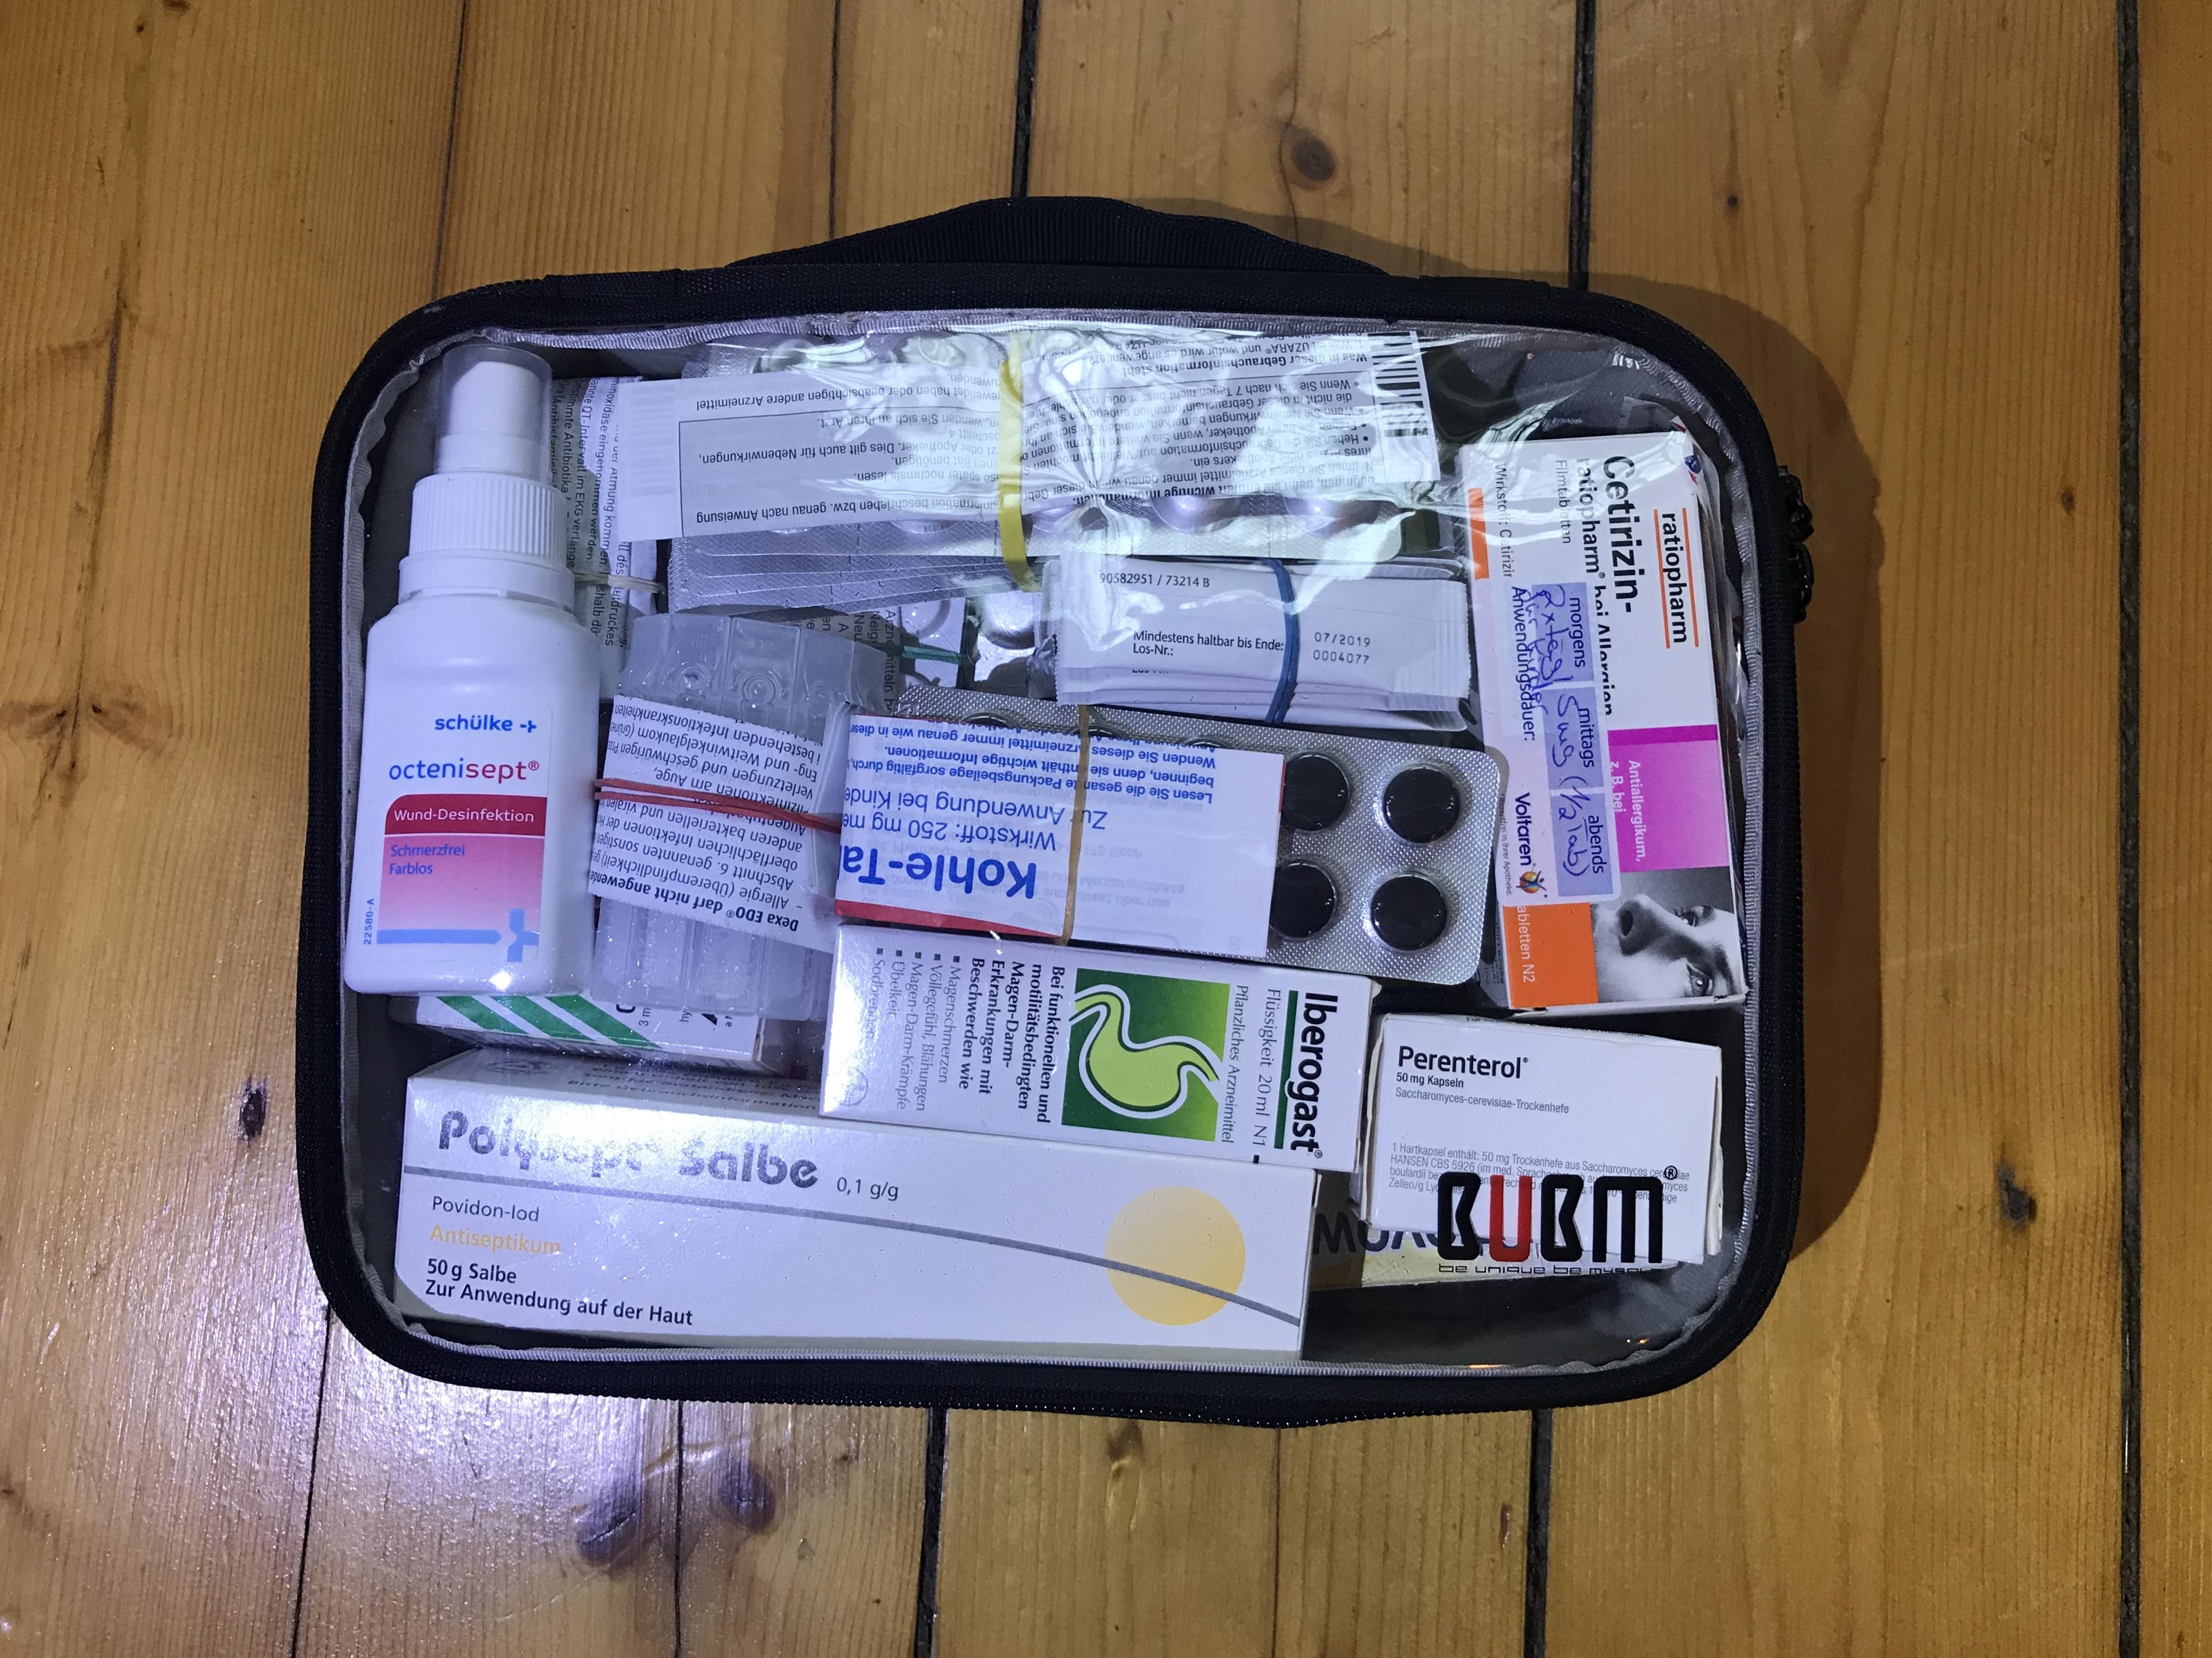 Das Bild zeigt die Reiseapotheke zusammengepackt in einer durchsichtigen Box